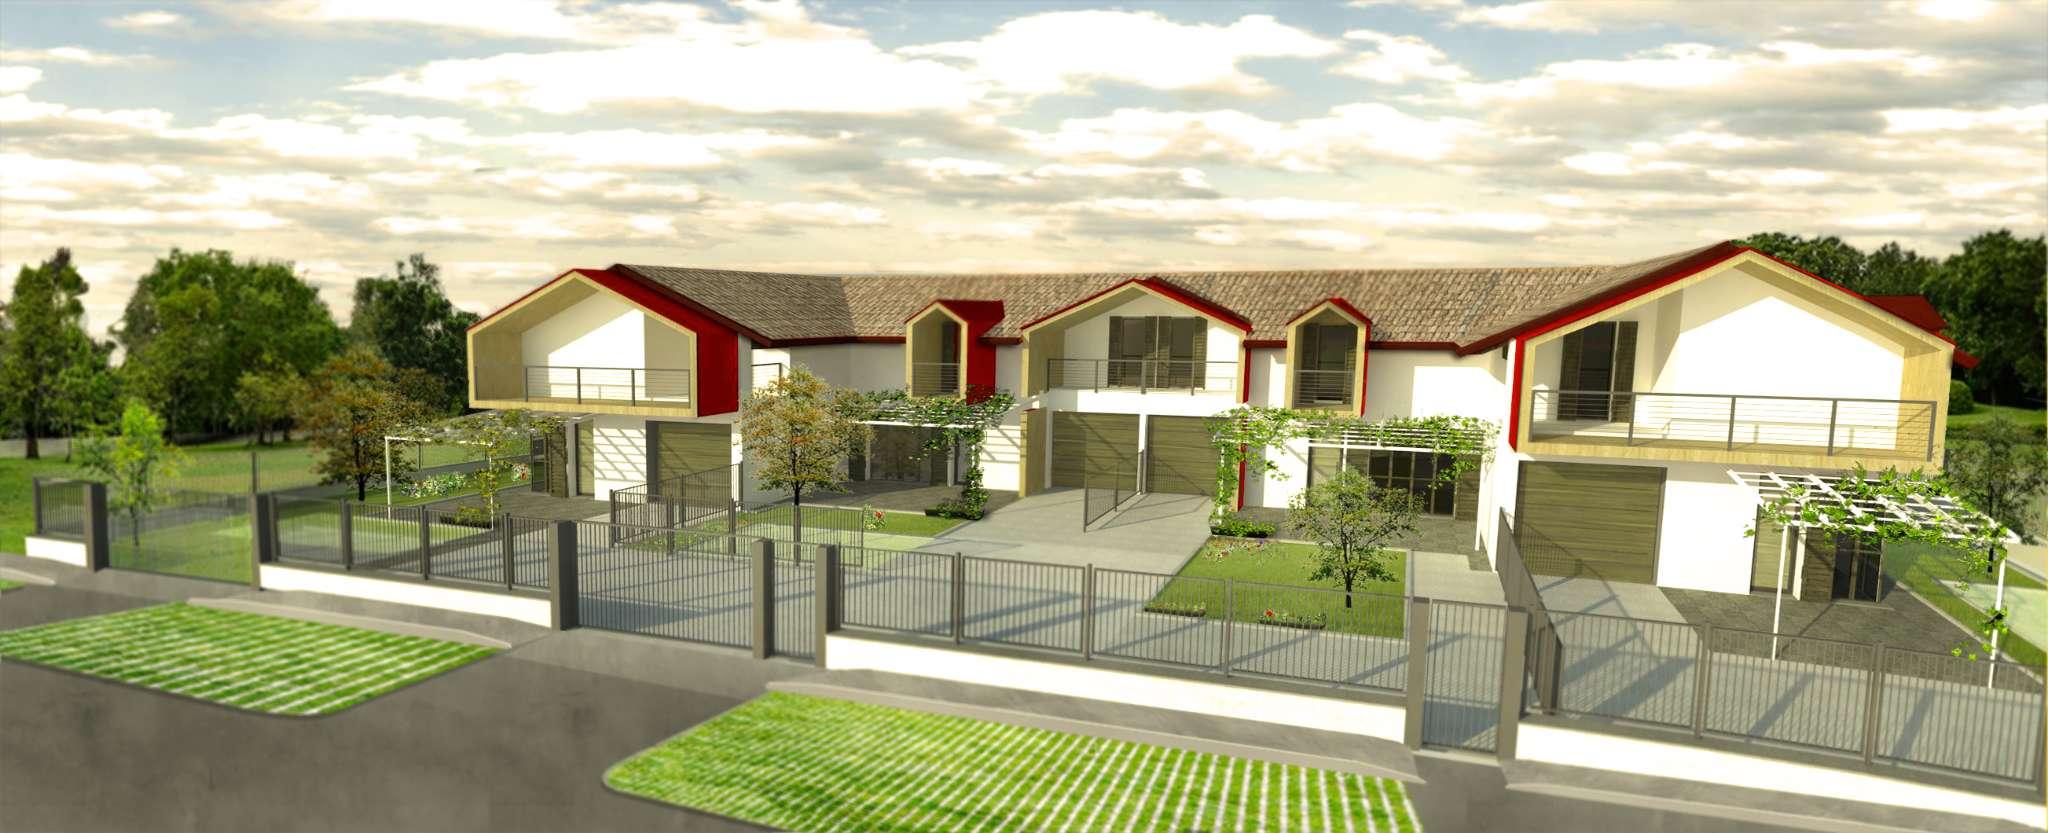 Villa in vendita a Druento, 5 locali, prezzo € 320.000   PortaleAgenzieImmobiliari.it